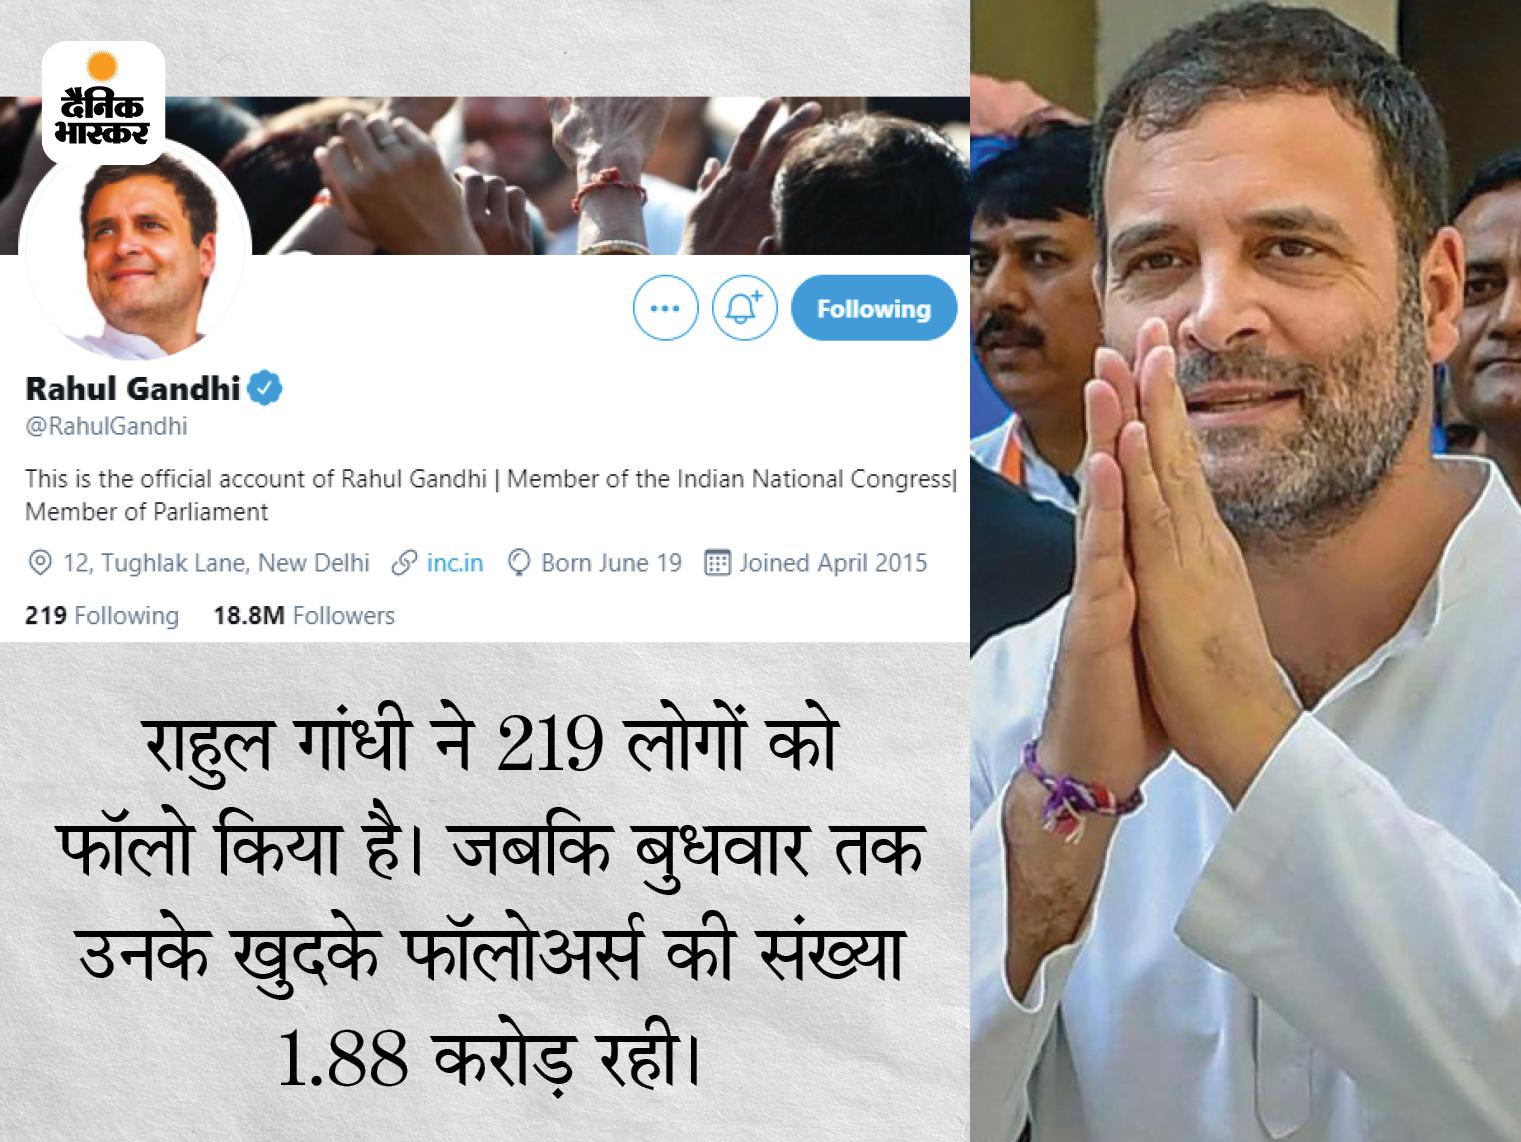 राहुल गांधी ने कई कांग्रेस नेताओं, करीबी और पत्रकारों को अनफॉलो किया; क्या यह पार्टी में युवा और वरिष्ठ नेताओं के बीच जंग है?|देश,National - Dainik Bhaskar